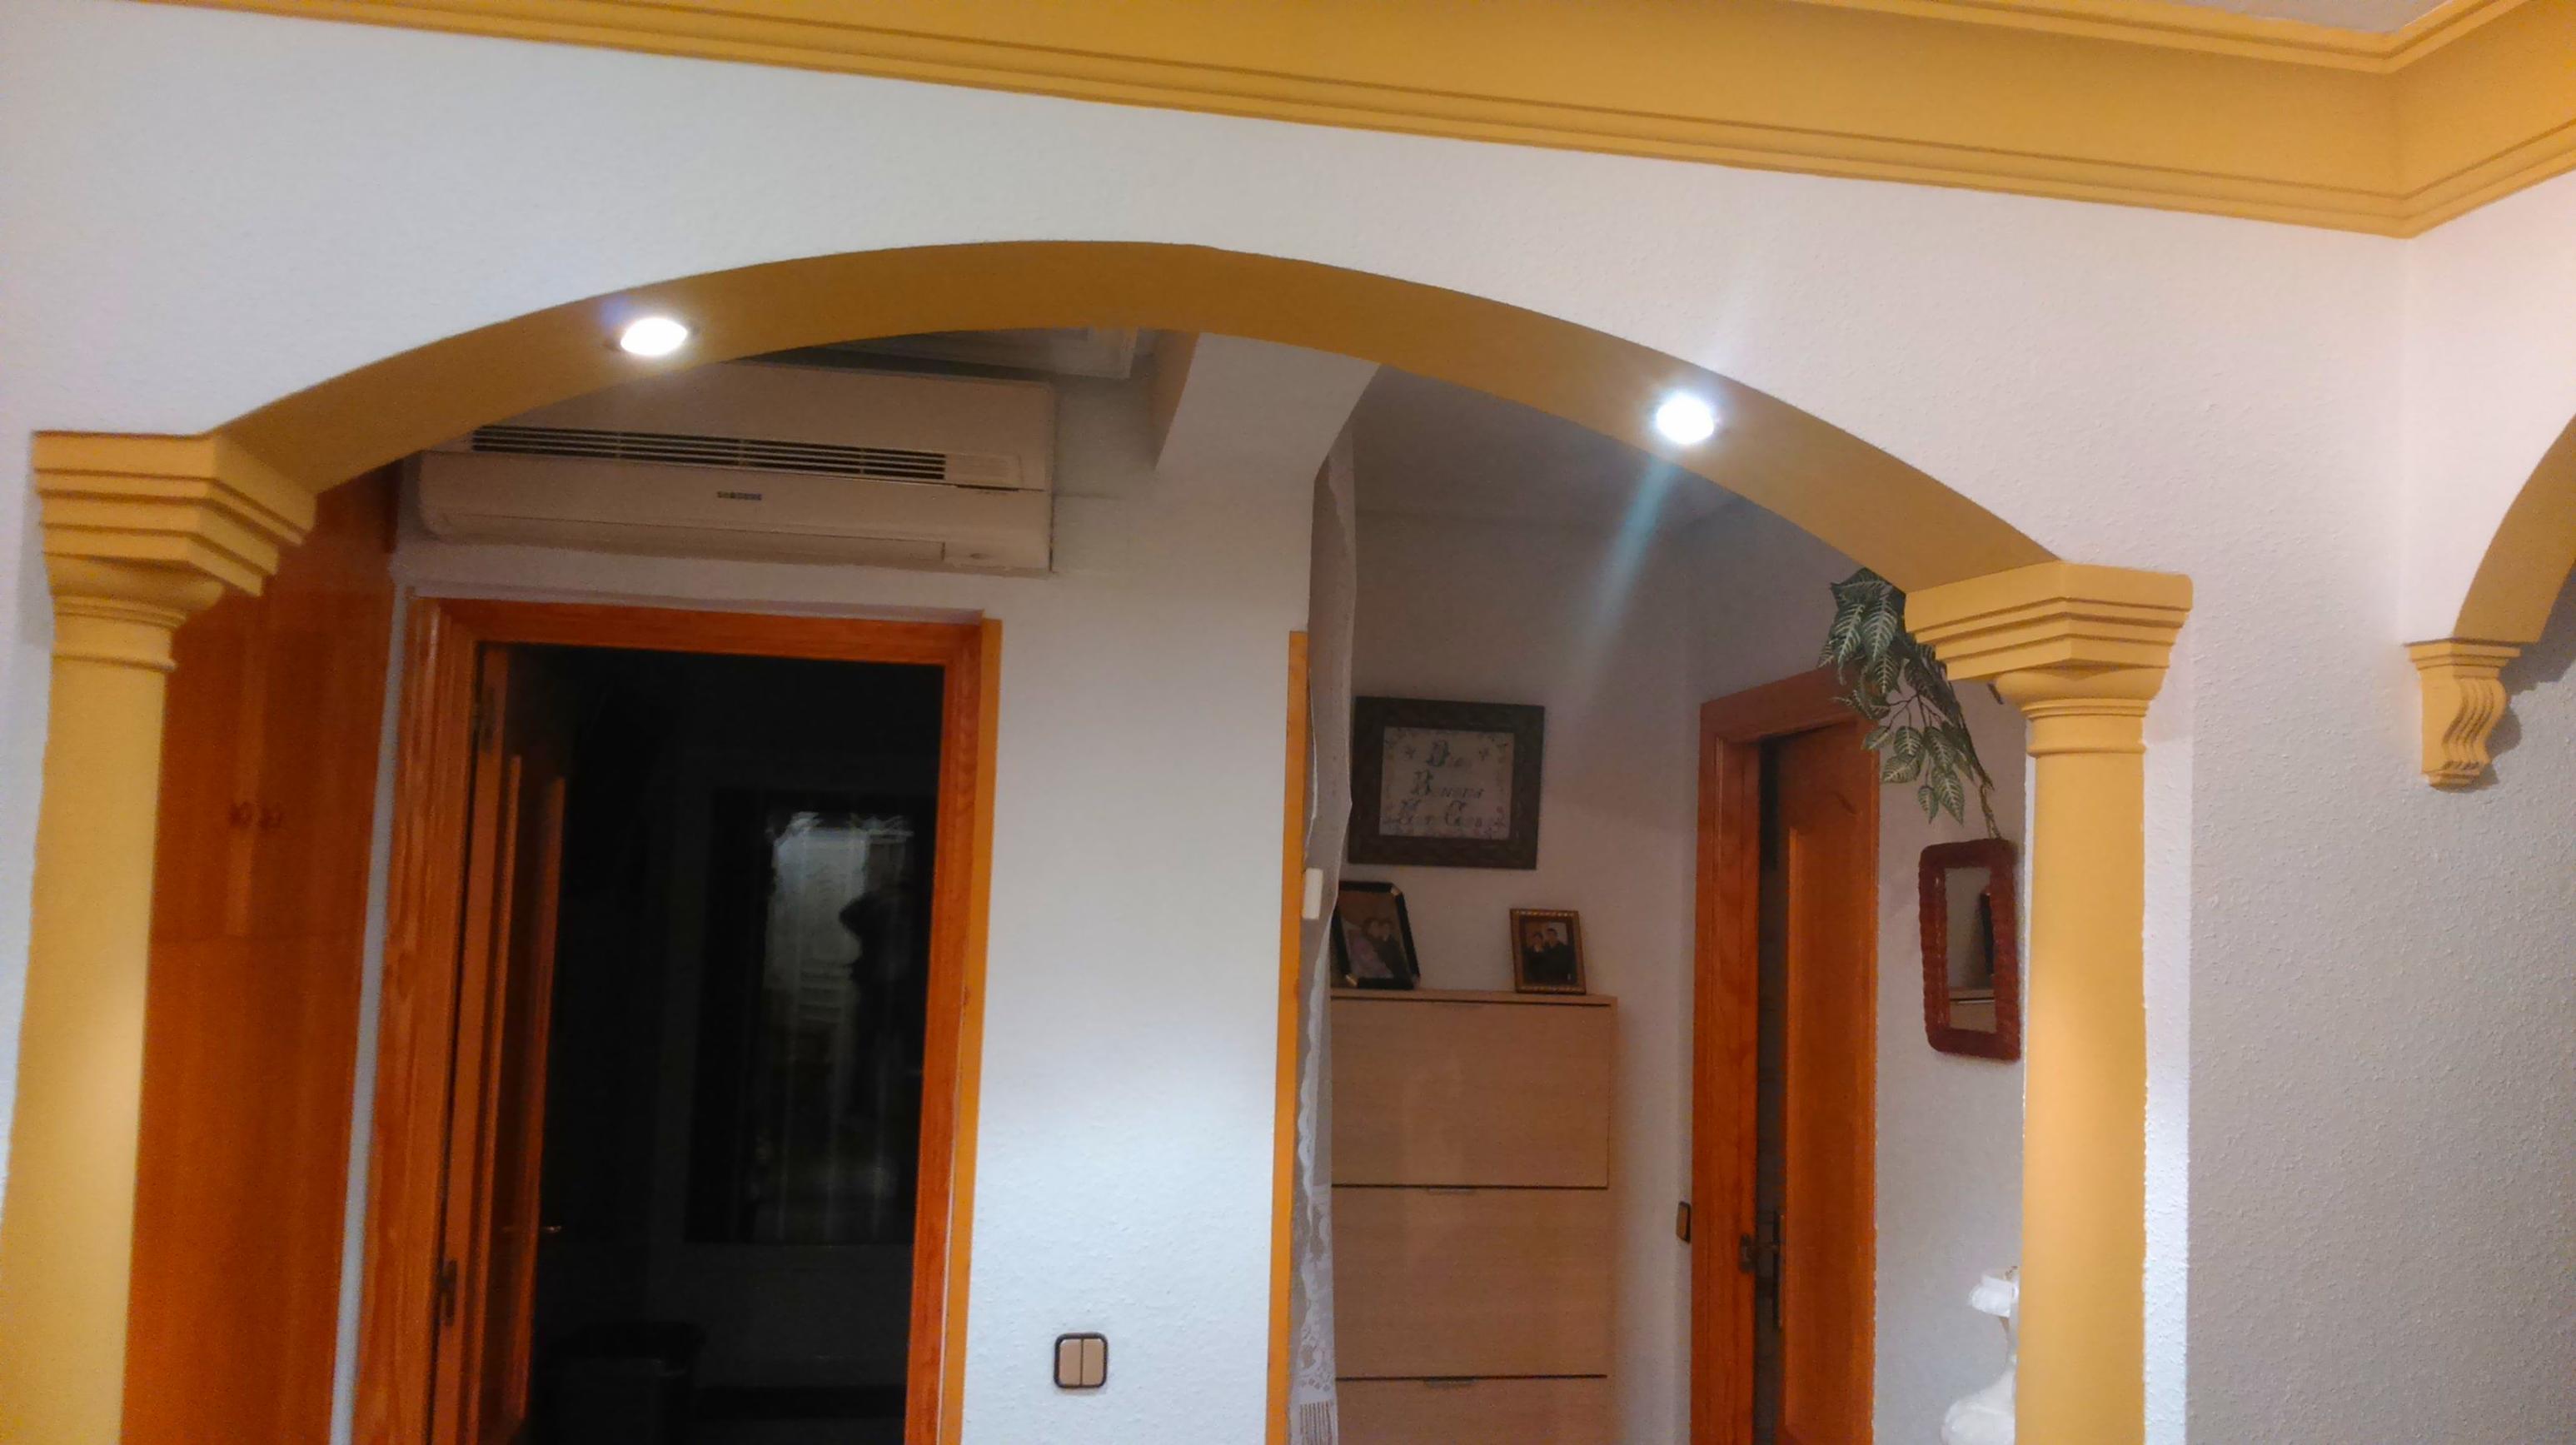 arco rebajado y medias columnas doricas